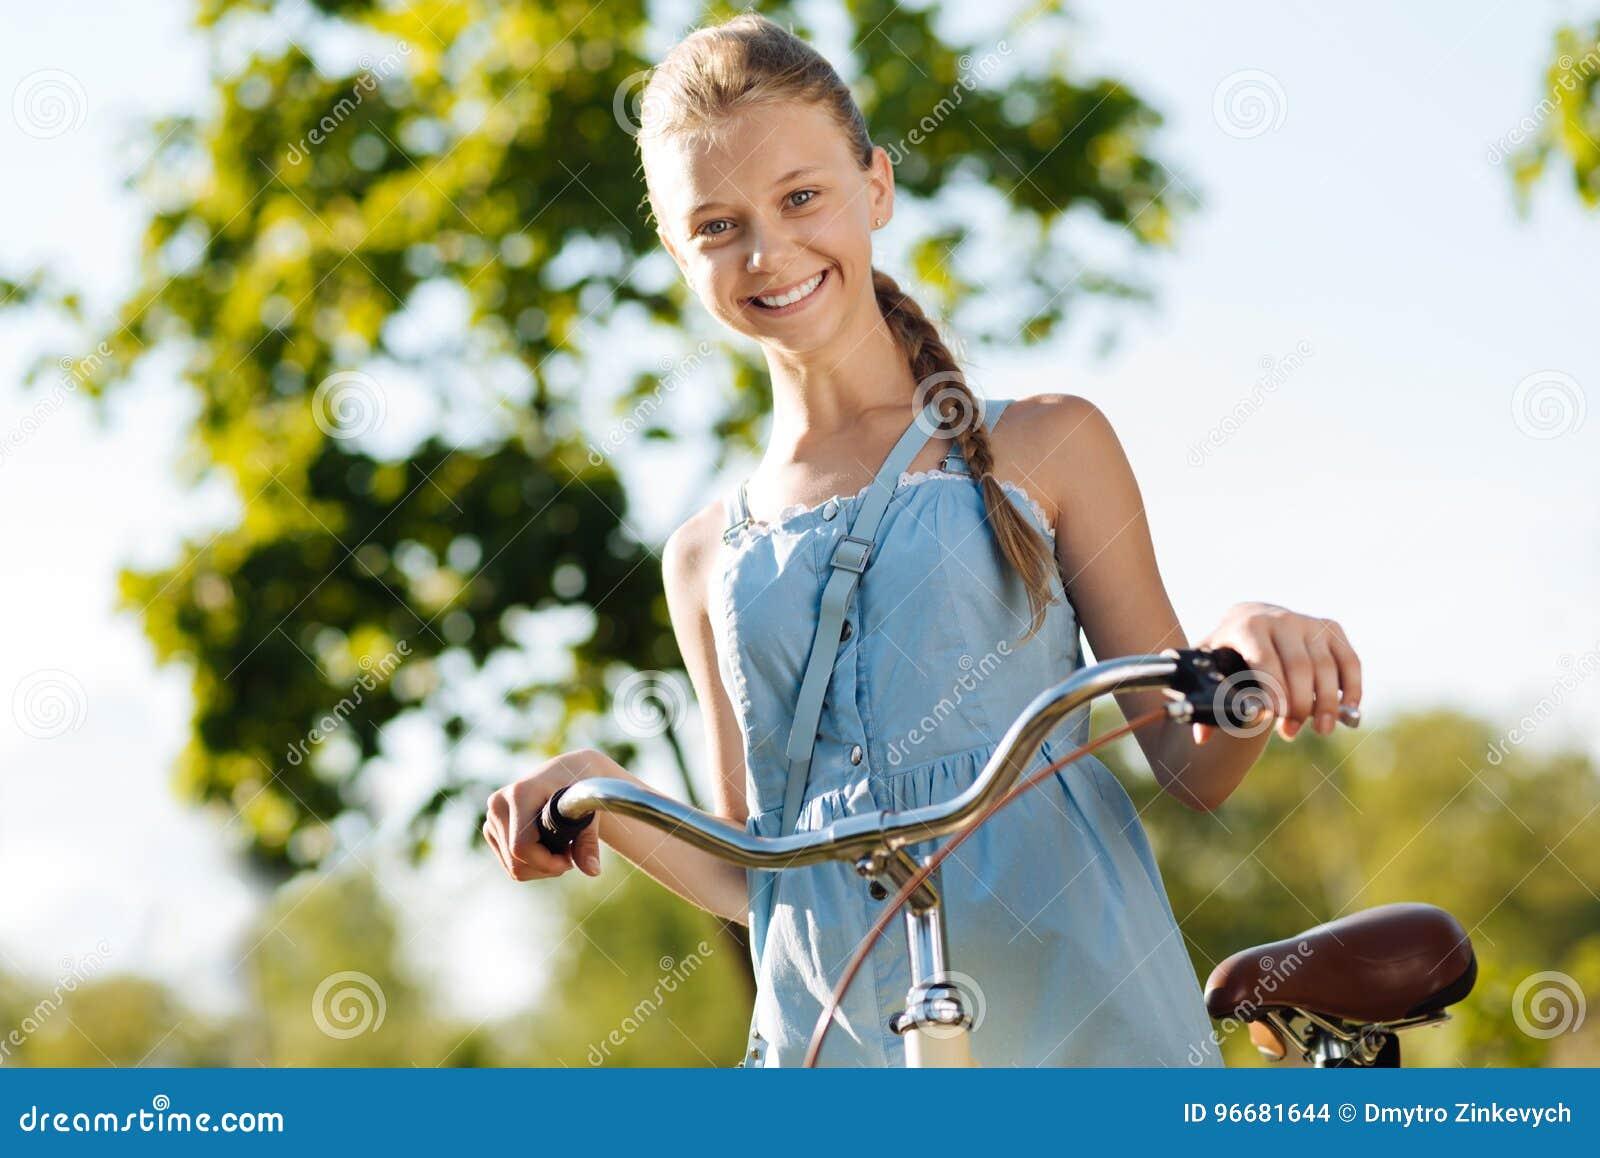 Vrolijk meisje die haar fiets houden